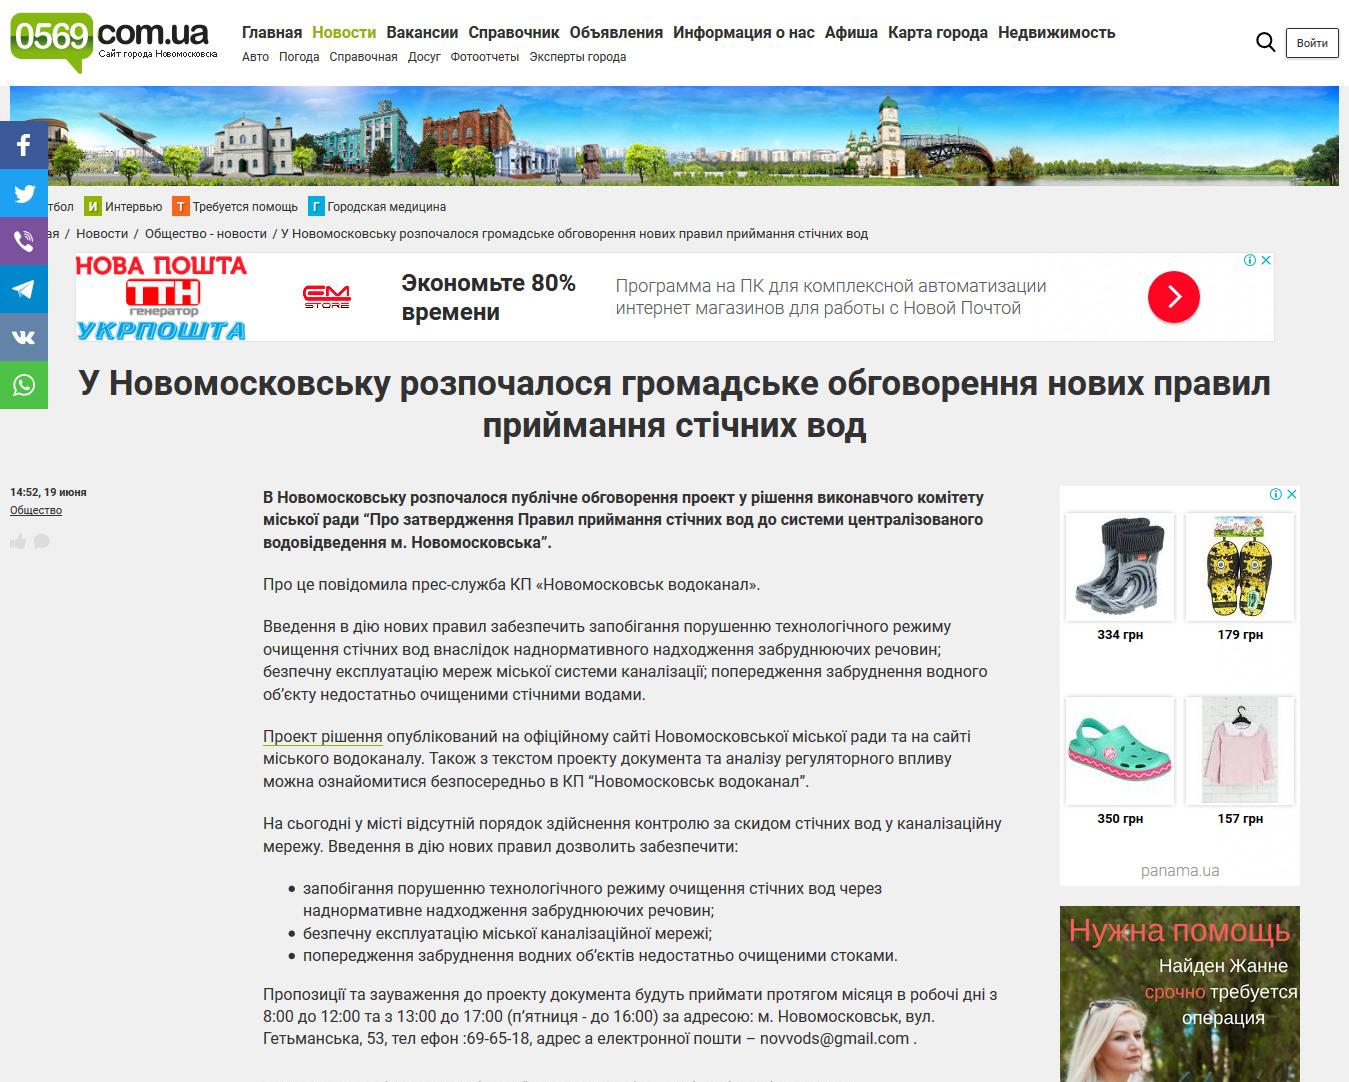 Screenshot_2018-06-28 У Новомосковську розпочалося громадське обговорення нових правил приймання стічних вод